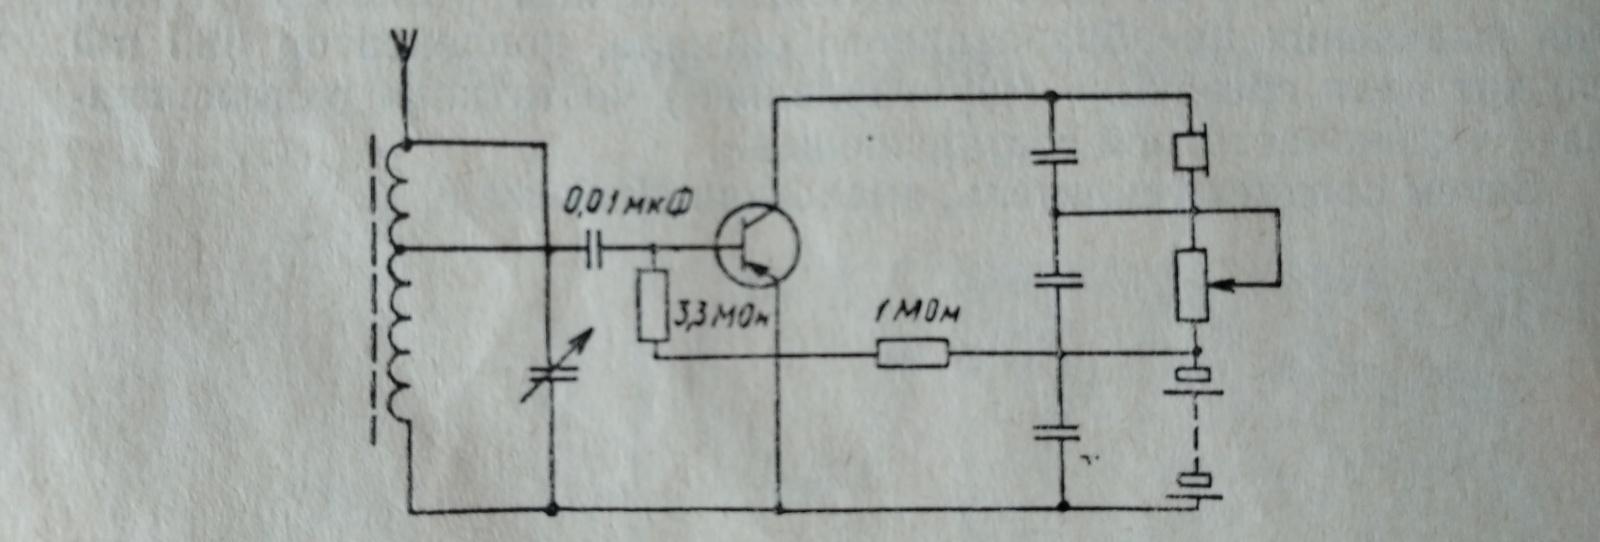 Радиоконструктор «Электронные кубики»: ностальгия по детству - 7